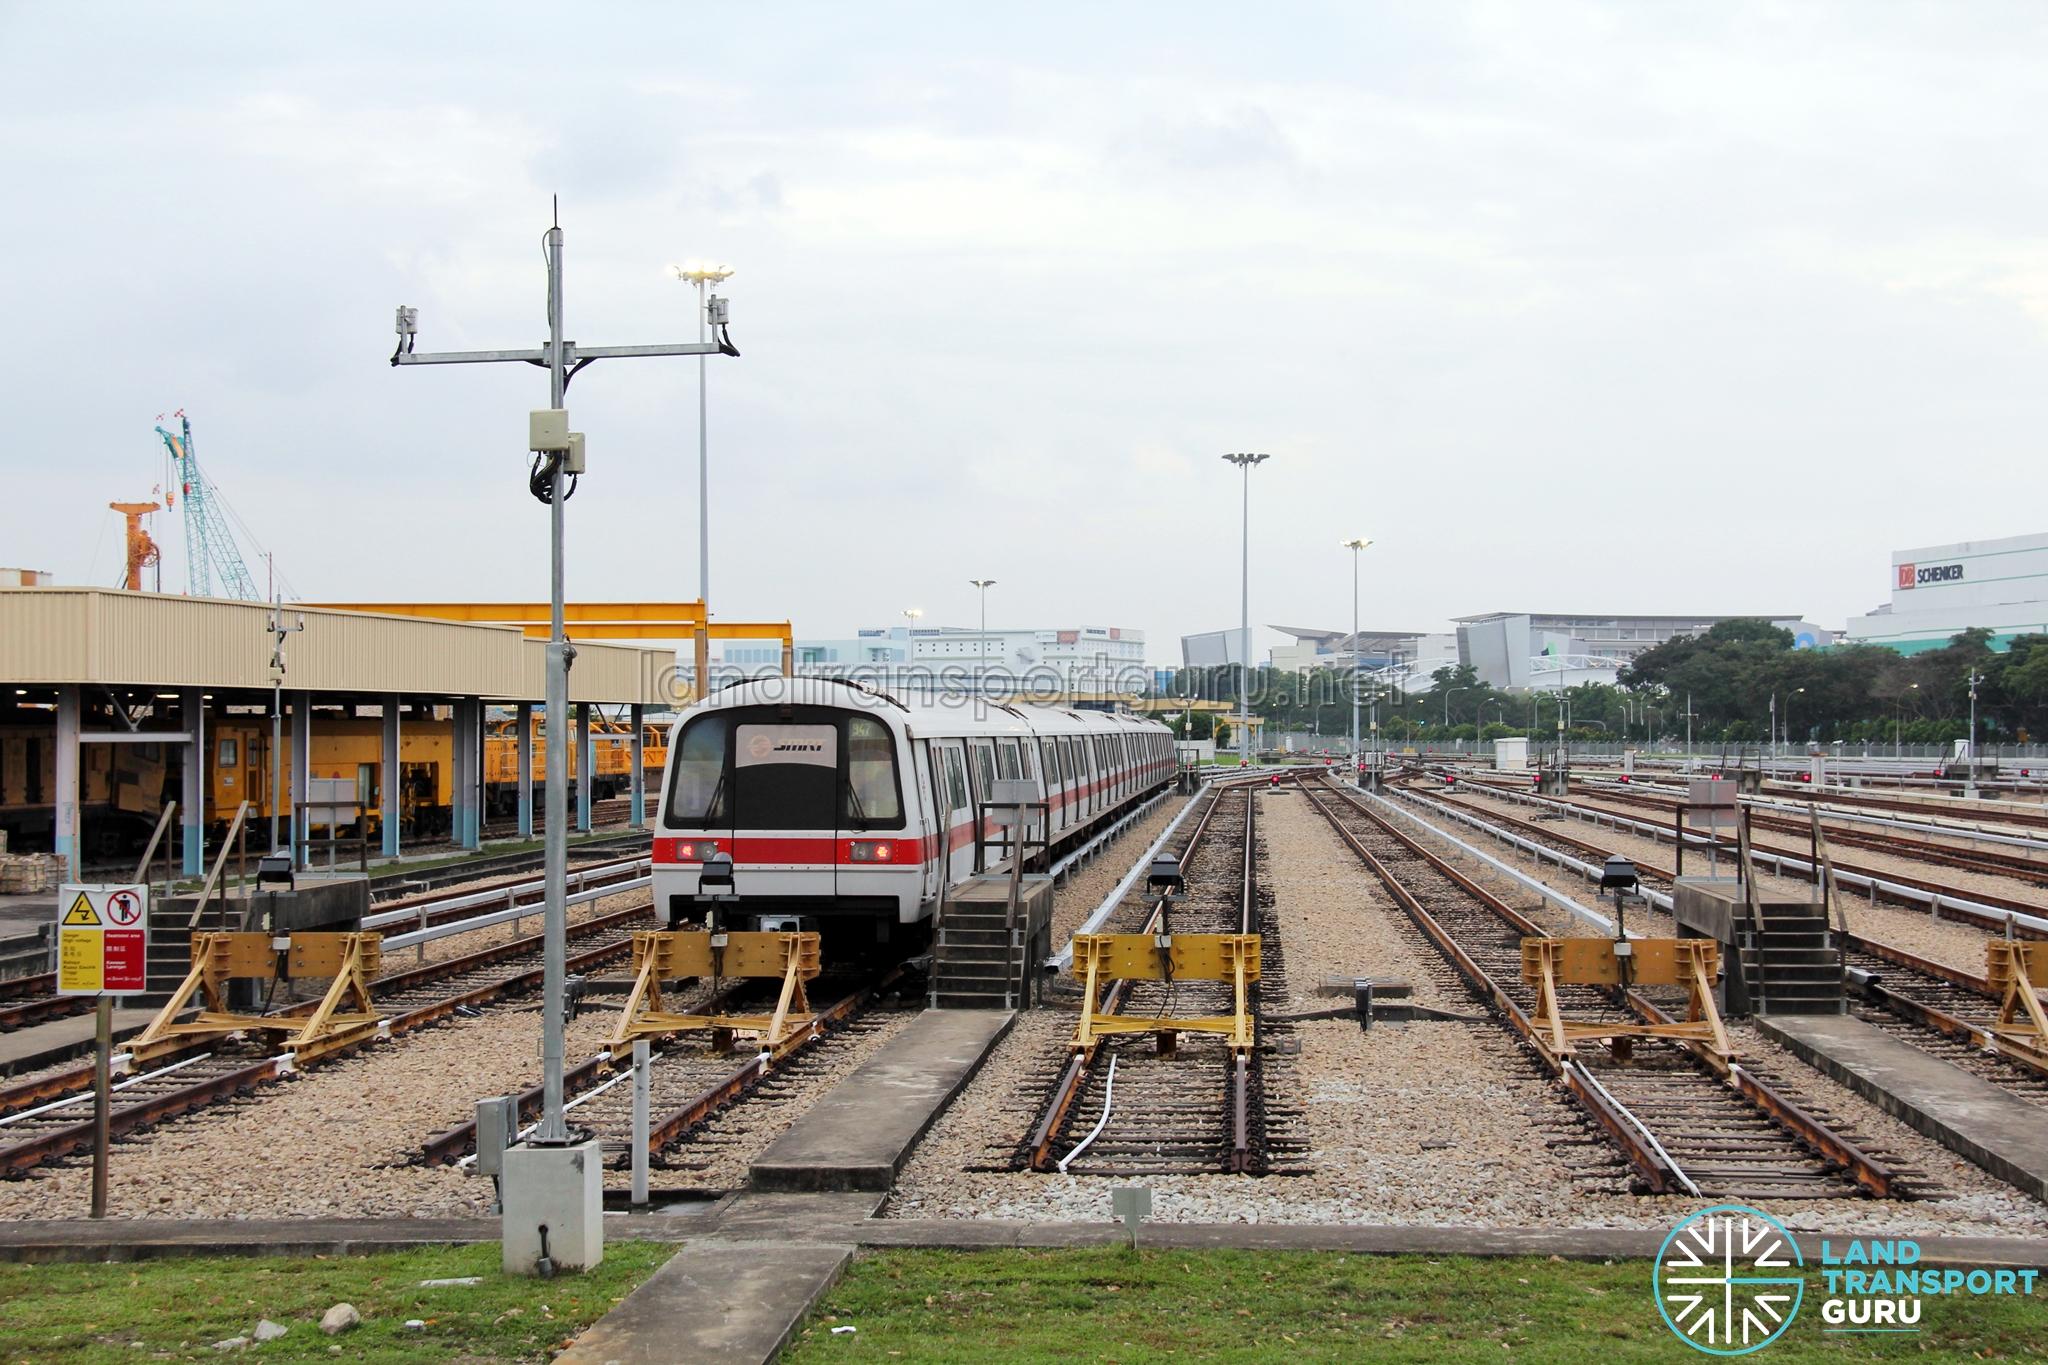 Changi Depot Land Transport Guru